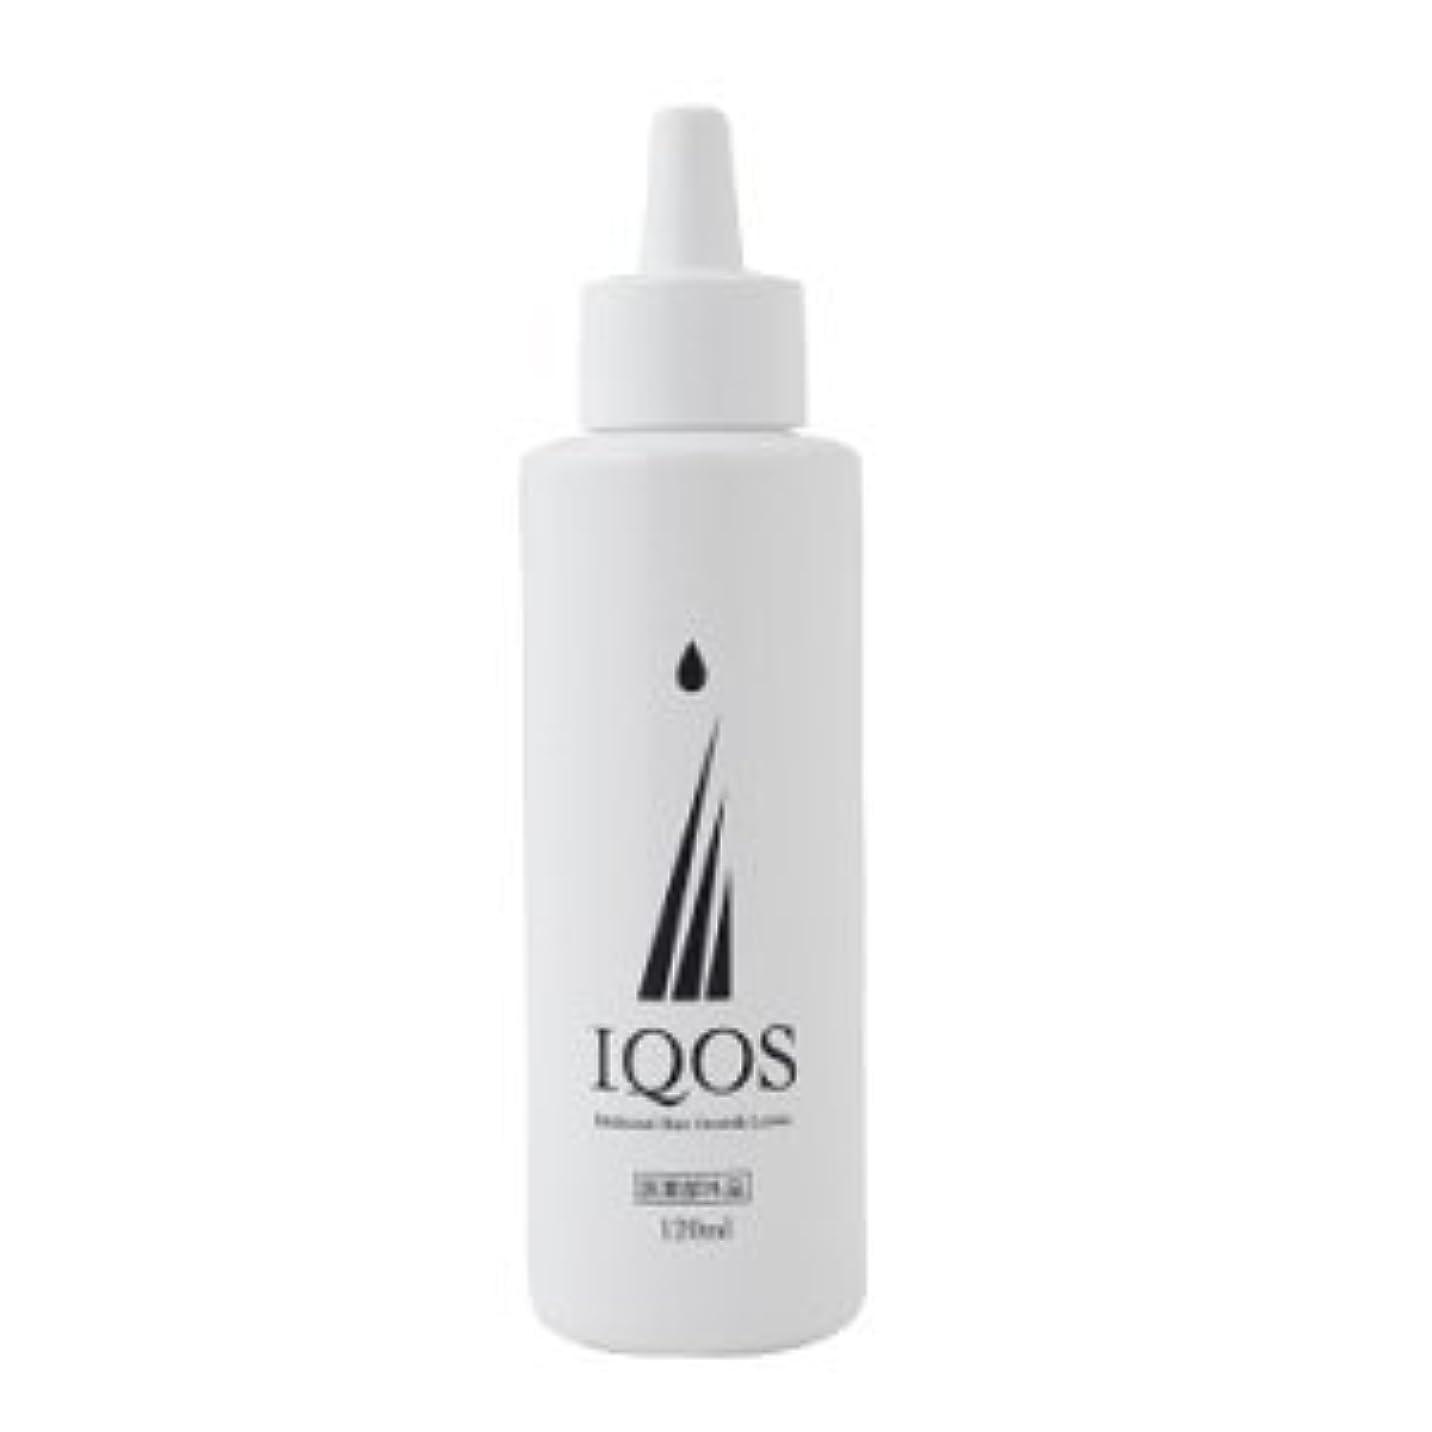 ミント土器分泌するM-034を最大級配合 薬用育毛剤 IQOS イクオス 120ml